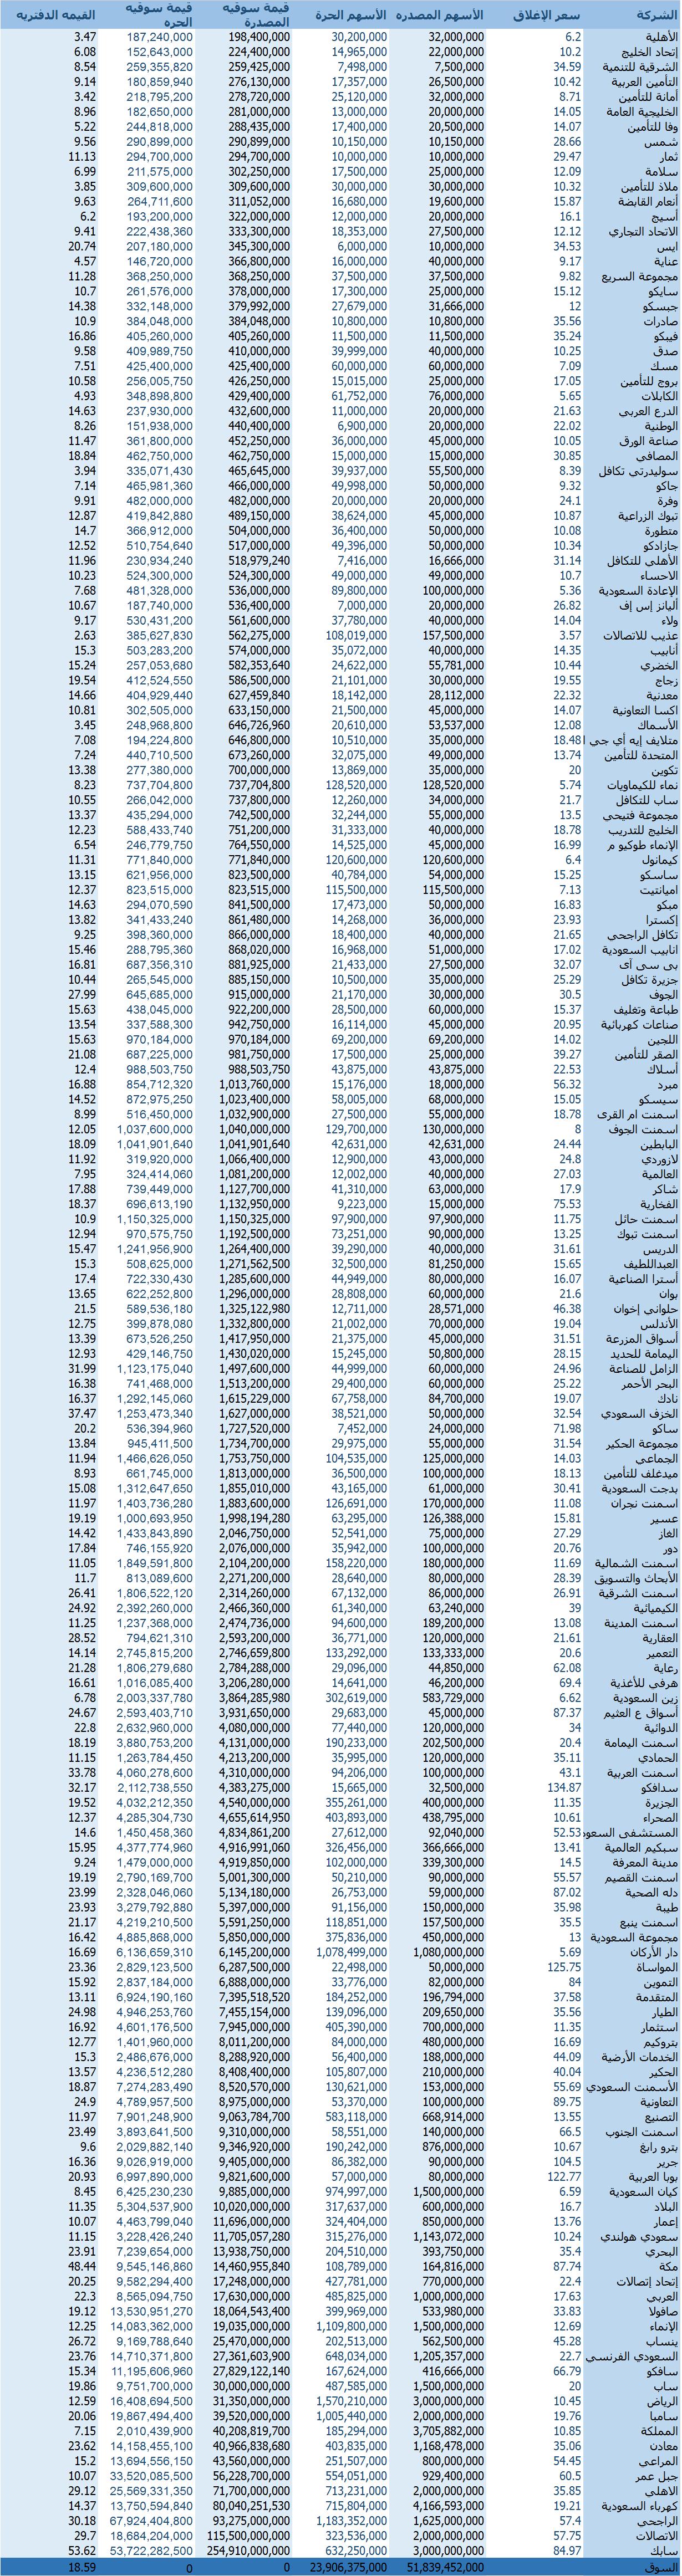 القيمة السوقيه للأسهم المصدرة لجميع d.php?hash=Y7ZI4HQCB